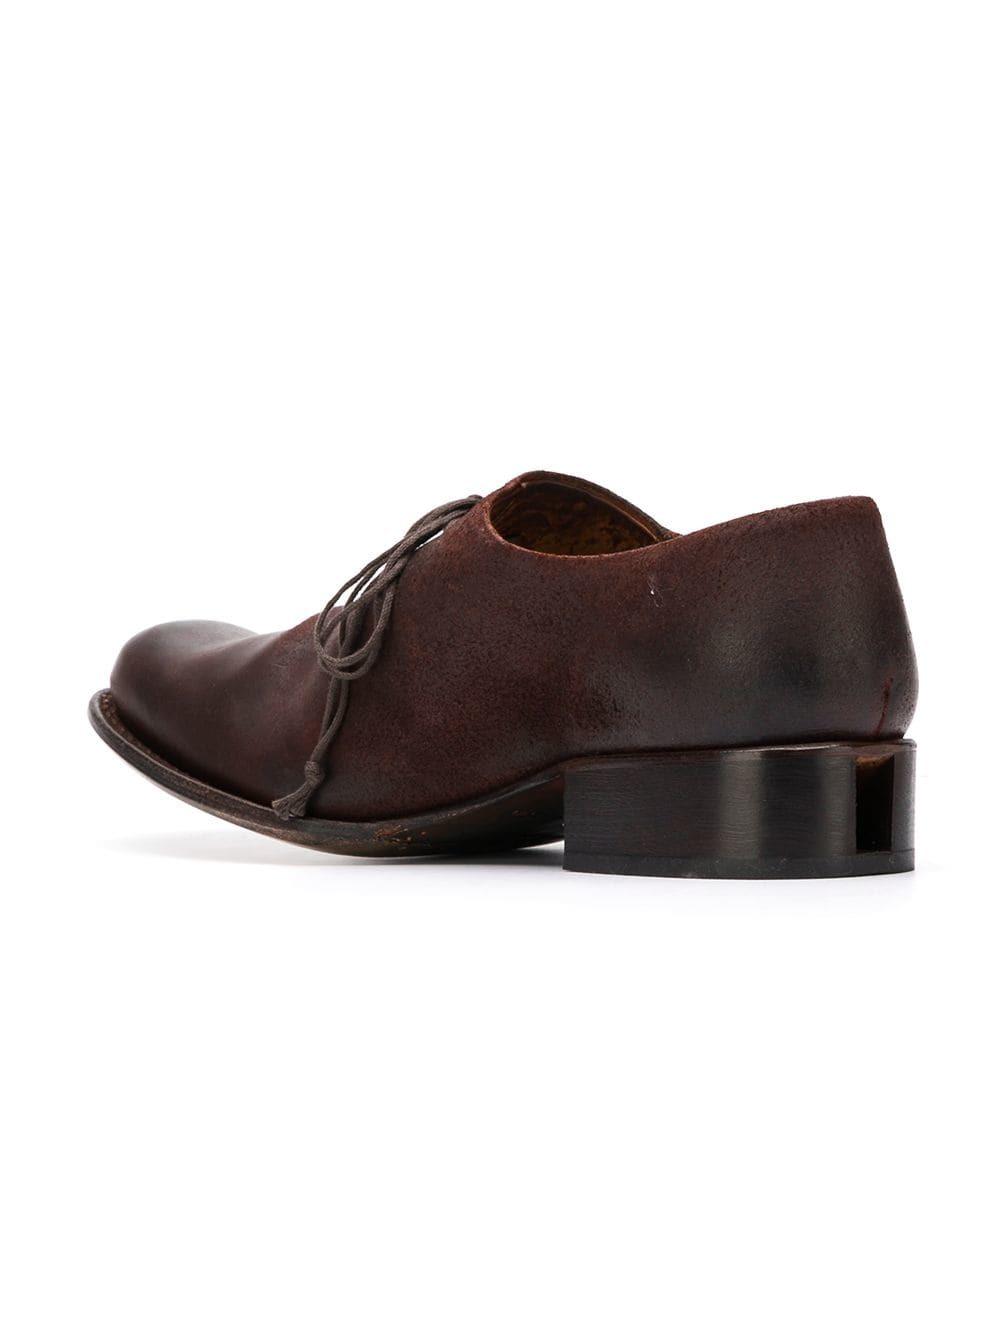 Cherevichkiotvichki Goodyear Derby Shoes